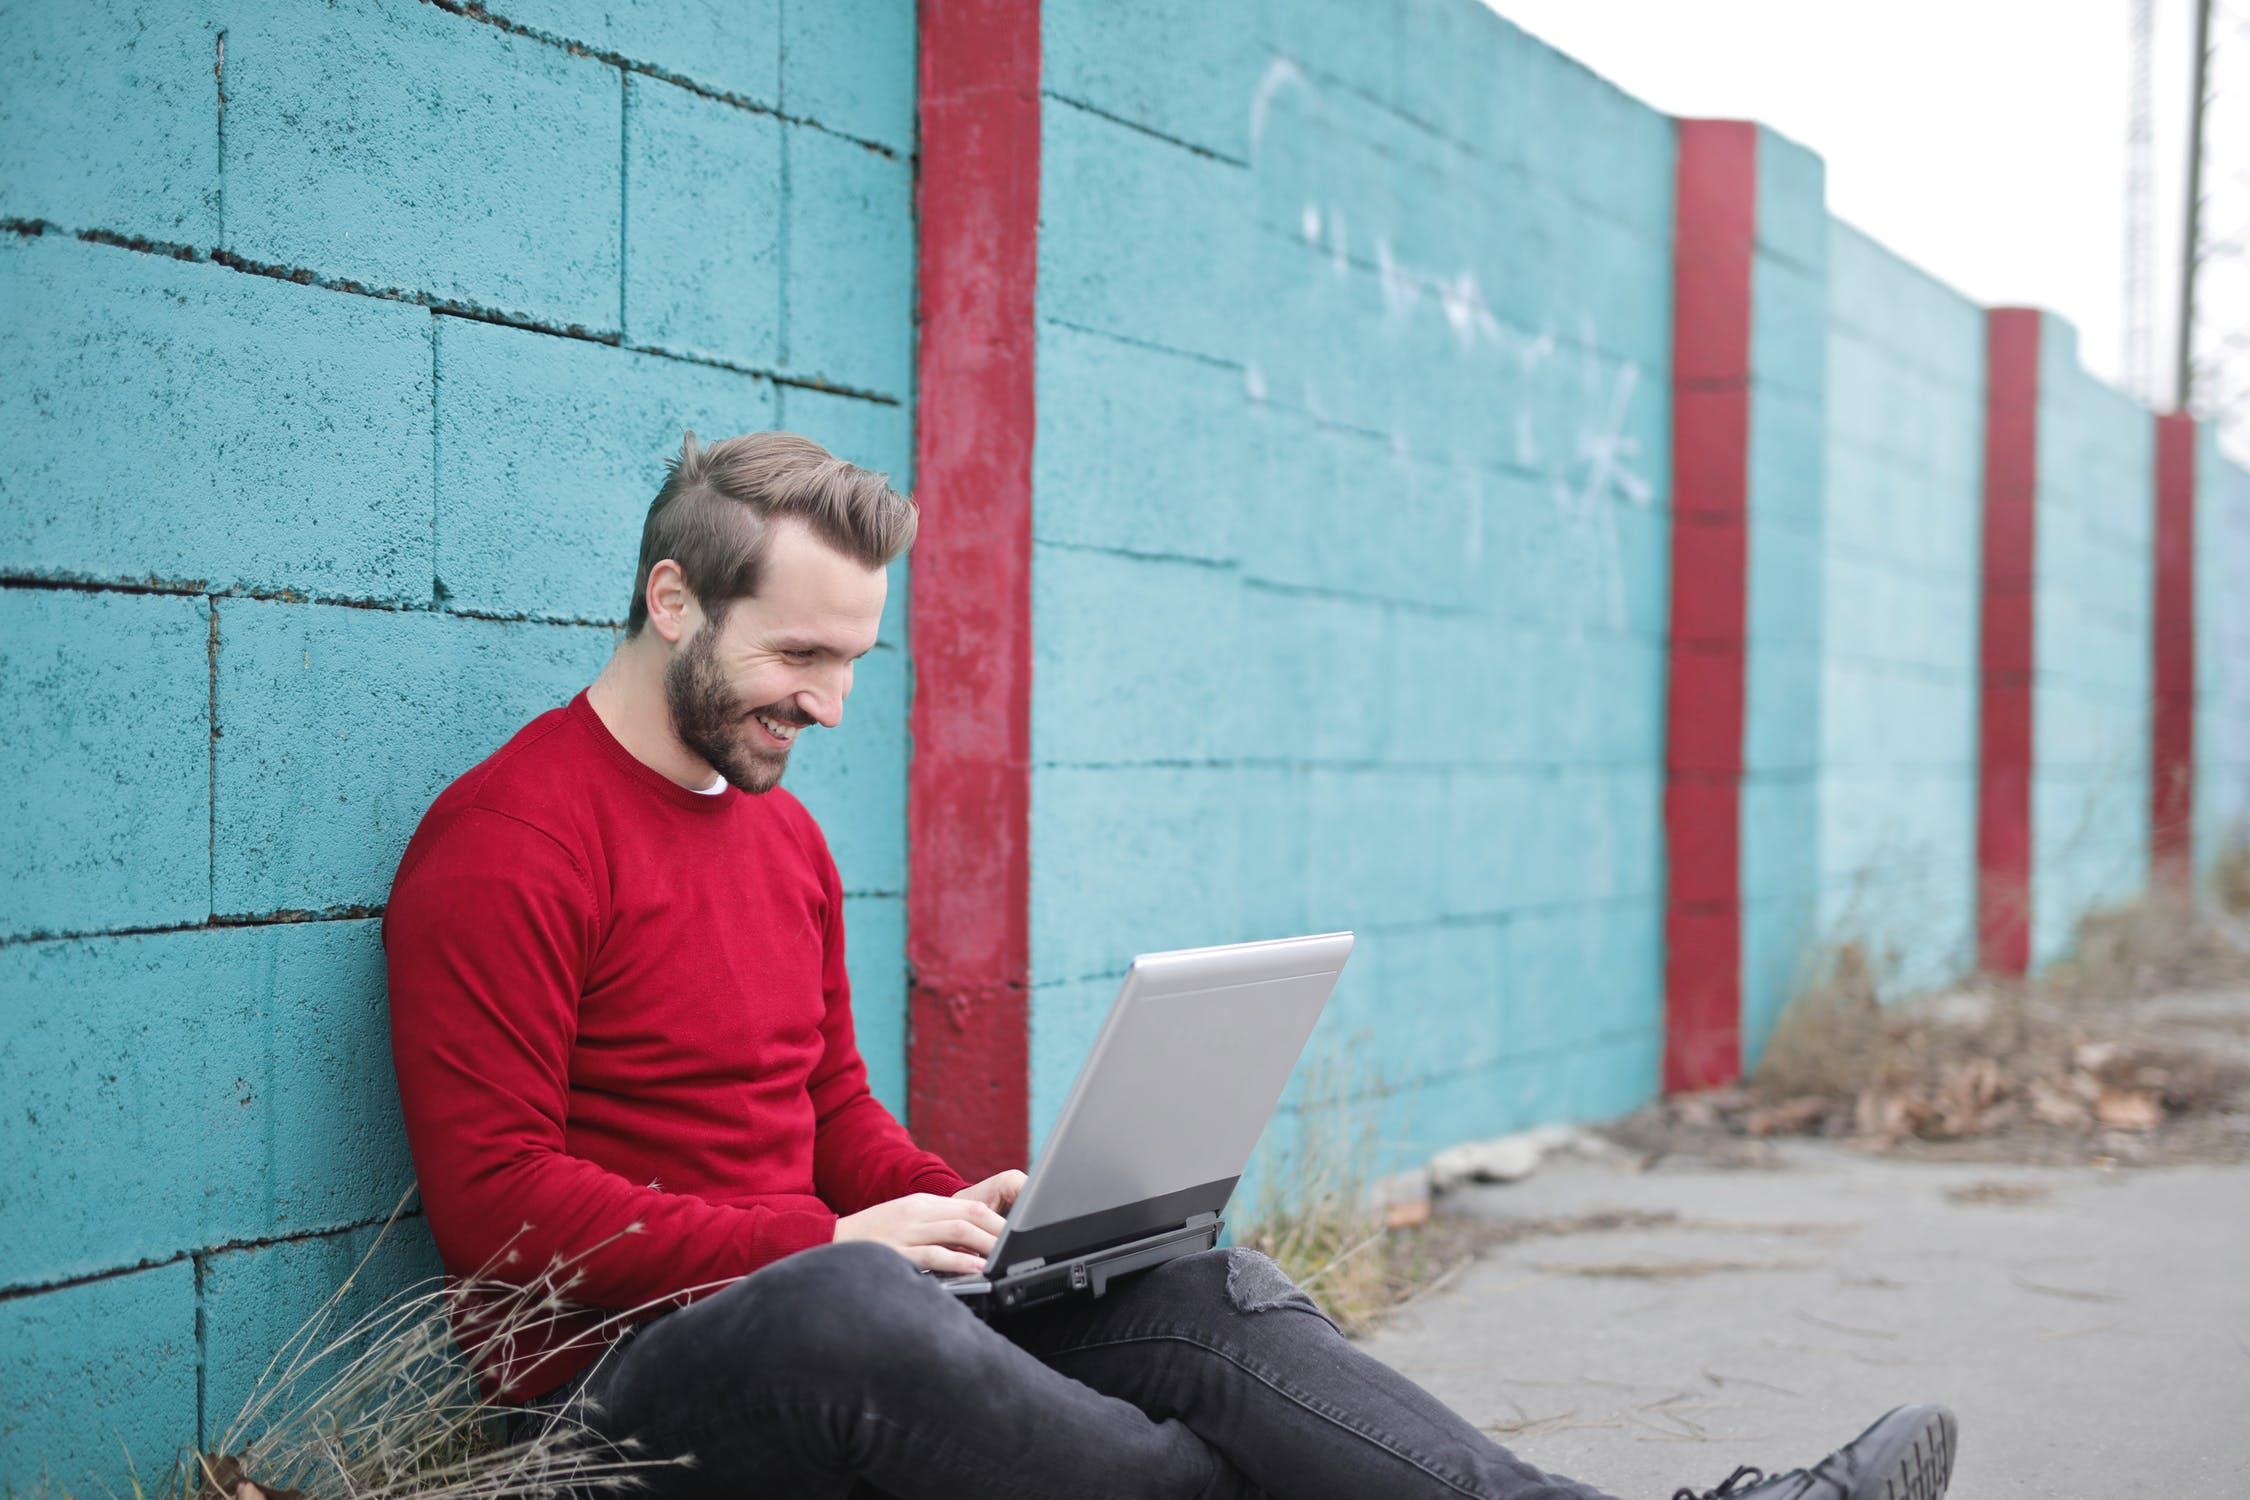 strādāt internetā, cik viņi nopelna)